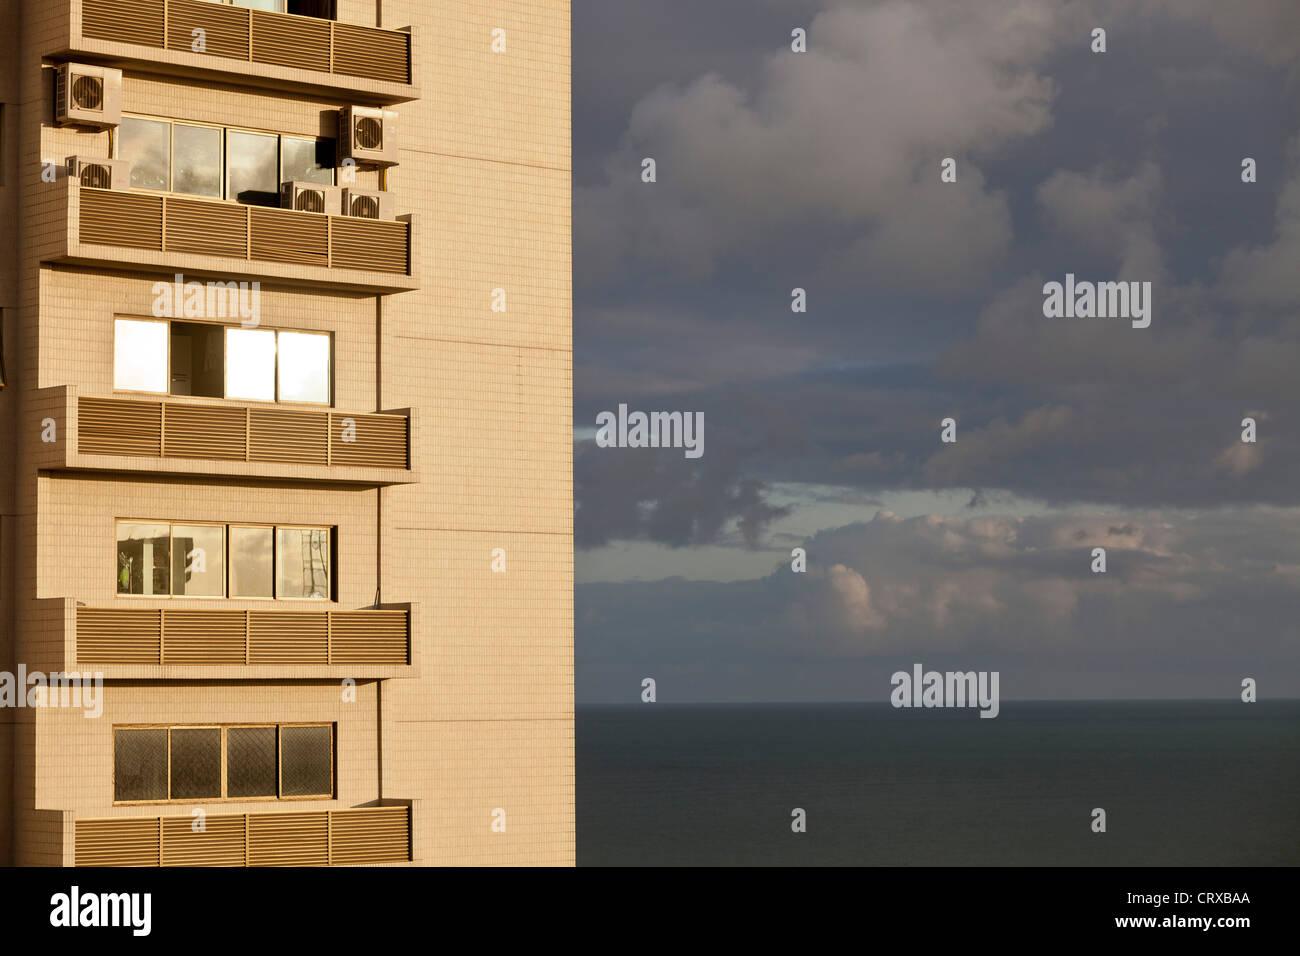 Apartamentos de clase media con varios aparatos de aire acondicionado, el alto consumo de electricidad Recife, Pernambuco, Imagen De Stock